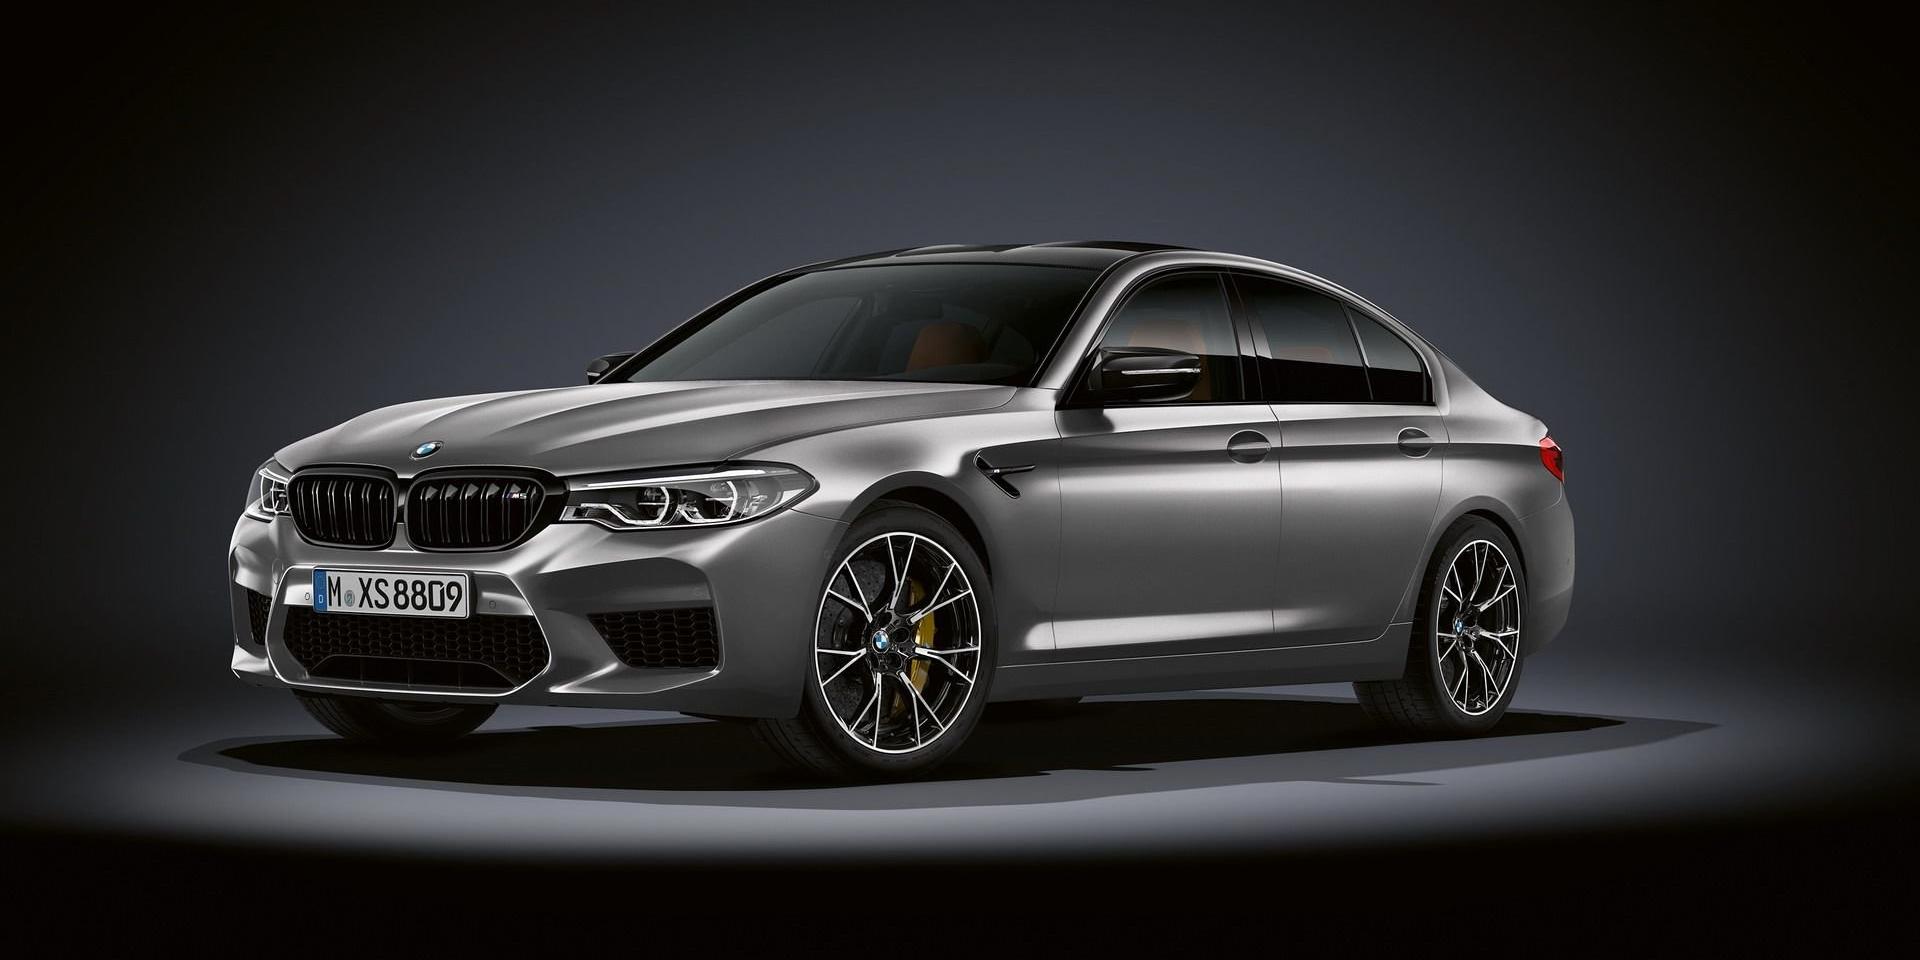 為了抗衡對手,BMW推出M5 Competition進階版